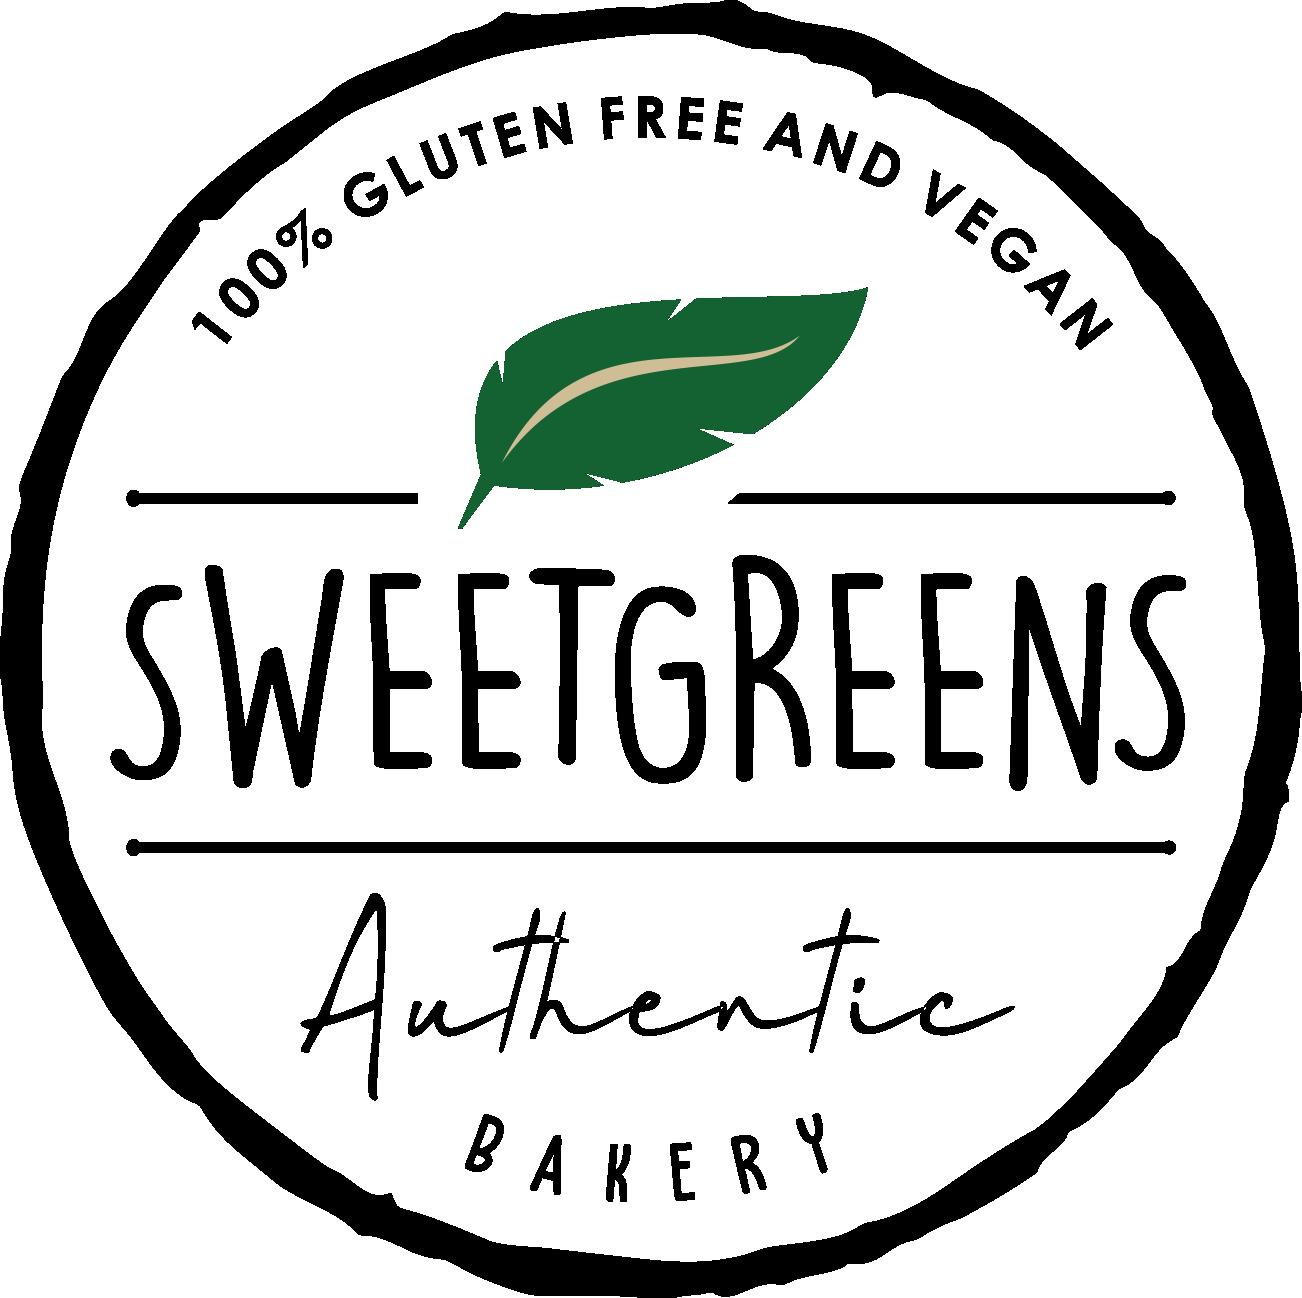 logo for gluten free vegan online bakery